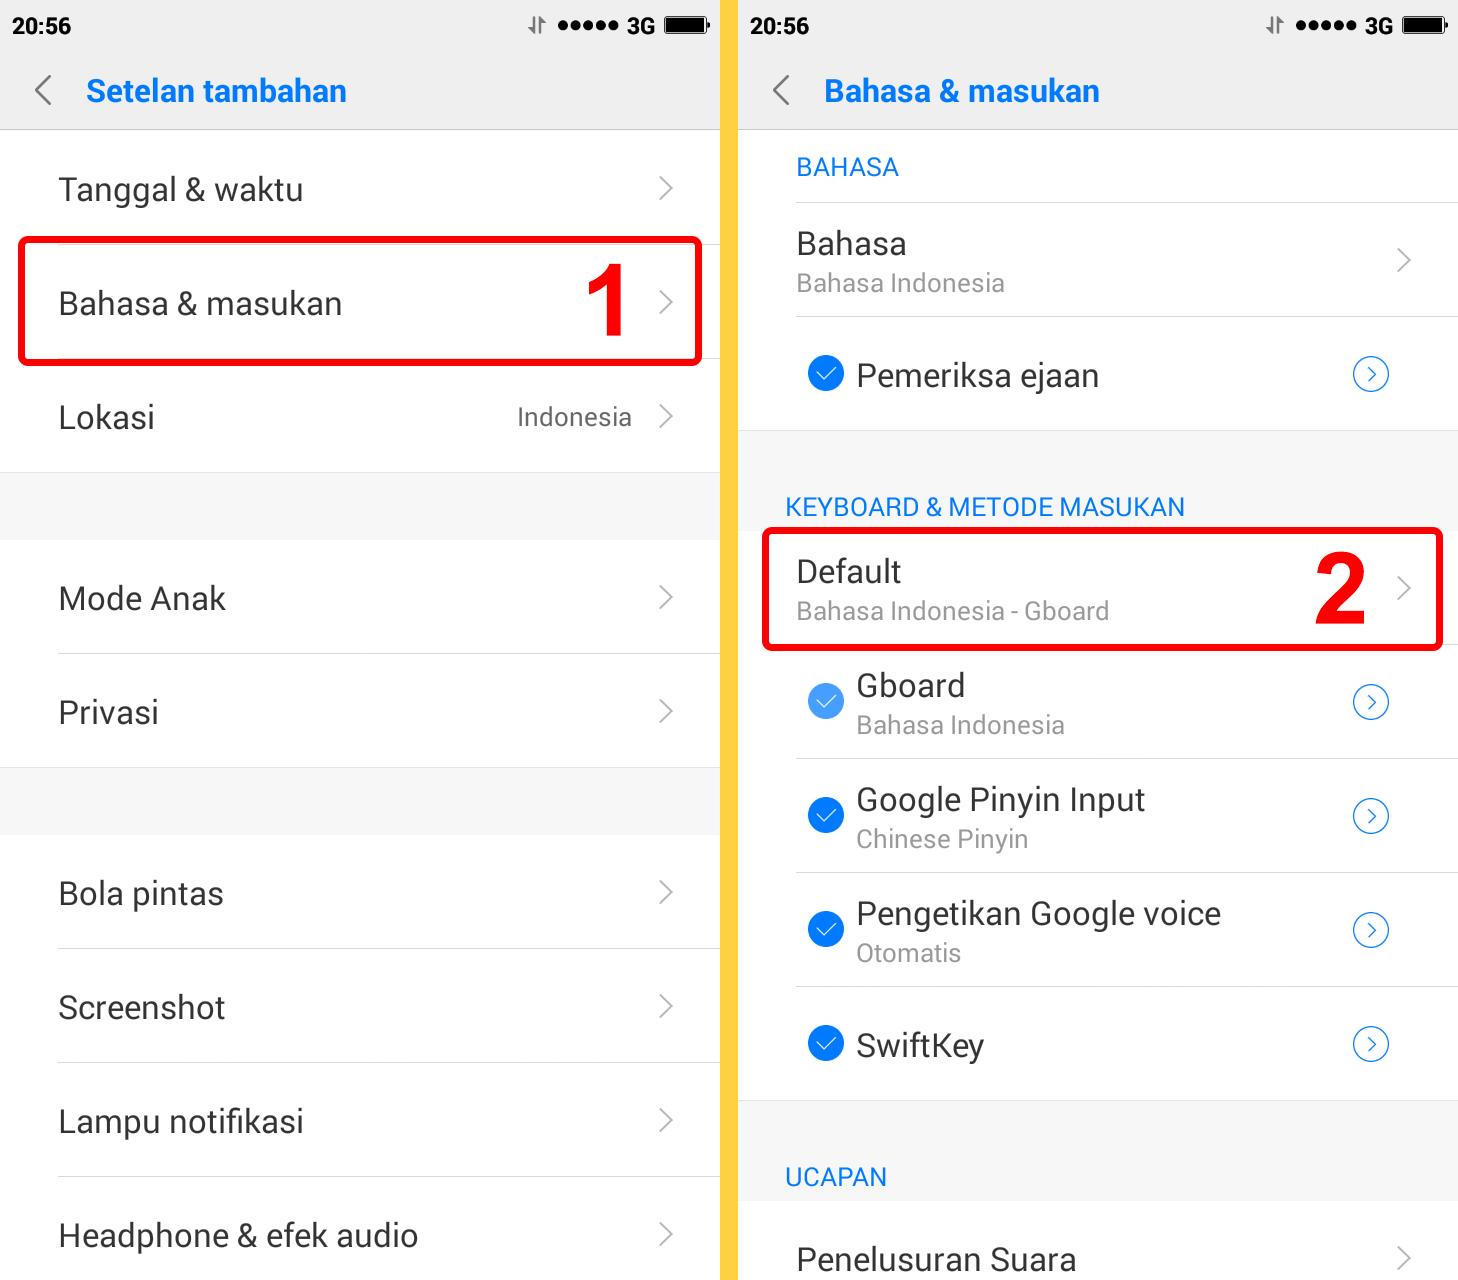 Dowloat Mp3 Meraih Bintang Versi Arab: Cara Mengganti Bahasa Keyboard HP Xiaomi Menjadi Indonesia